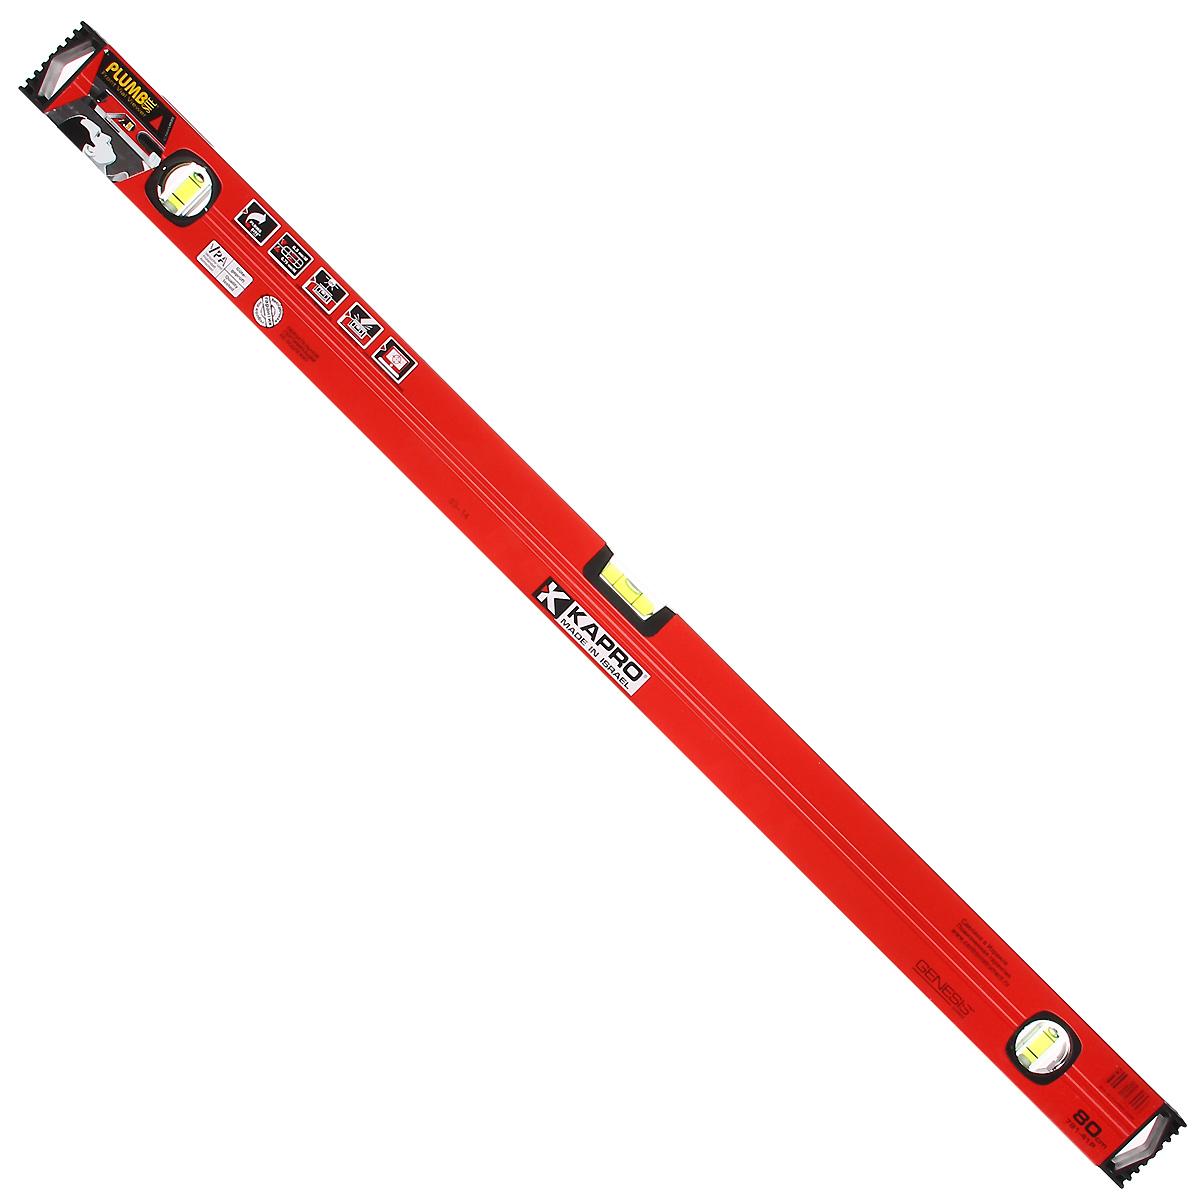 Уровень Kapro PlumbSite Genesis, 3 колбы, 80 см781-41-80Уровень Kapro PlumbSite Genesis используется при необходимости контроля горизонтальных и вертикальных плоскостей. Легкий металлический корпус уровня обеспечивает долгий срок эксплуатации. Оснащен 3 колбами.